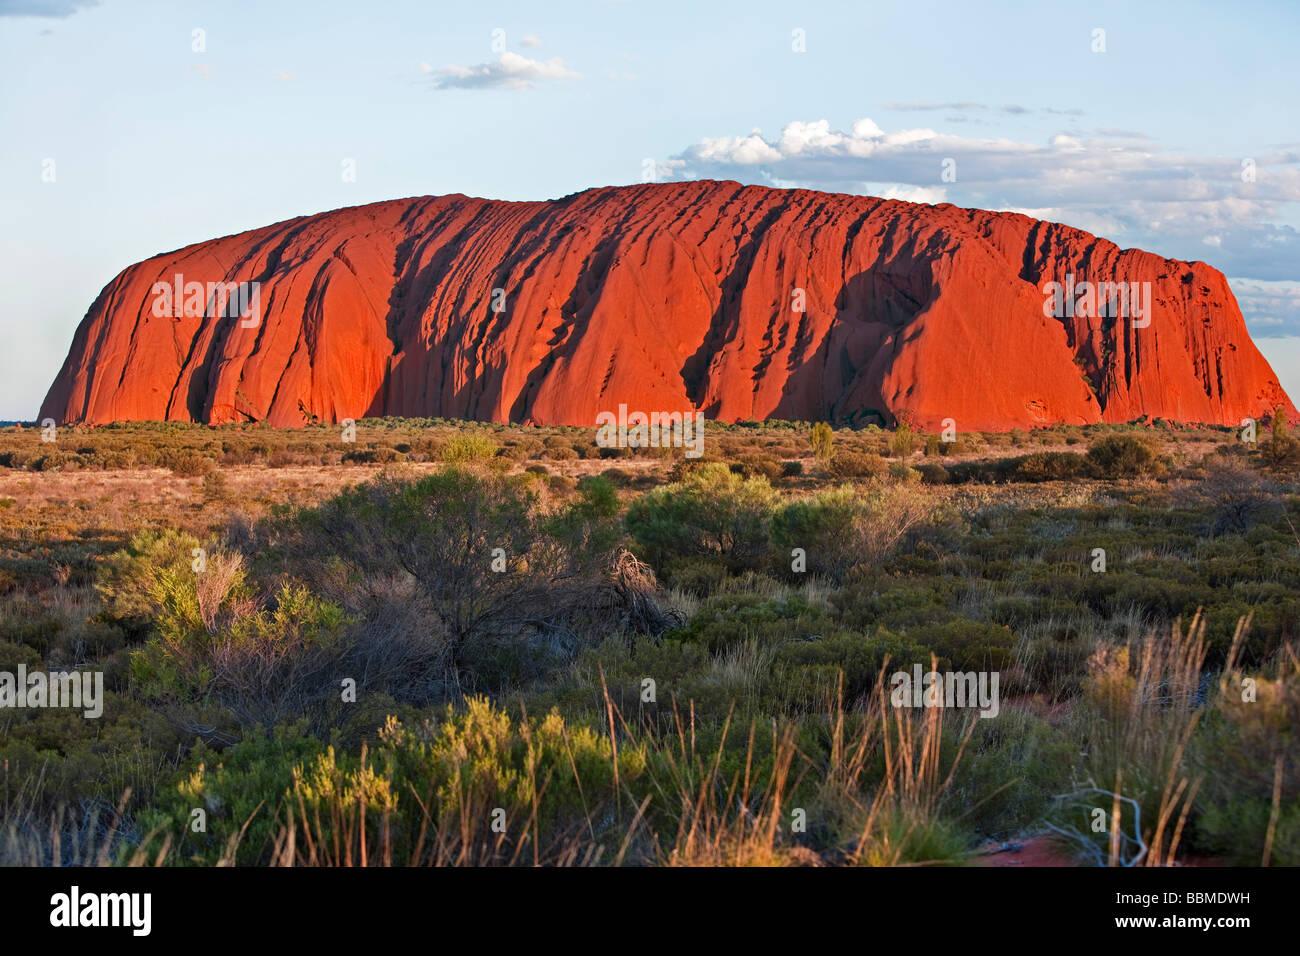 Australien, Northern Territory. Uluru oder Ayers Rock, ein riesiger Sandstein-Felsformation. Eines der bekanntesten Stockbild